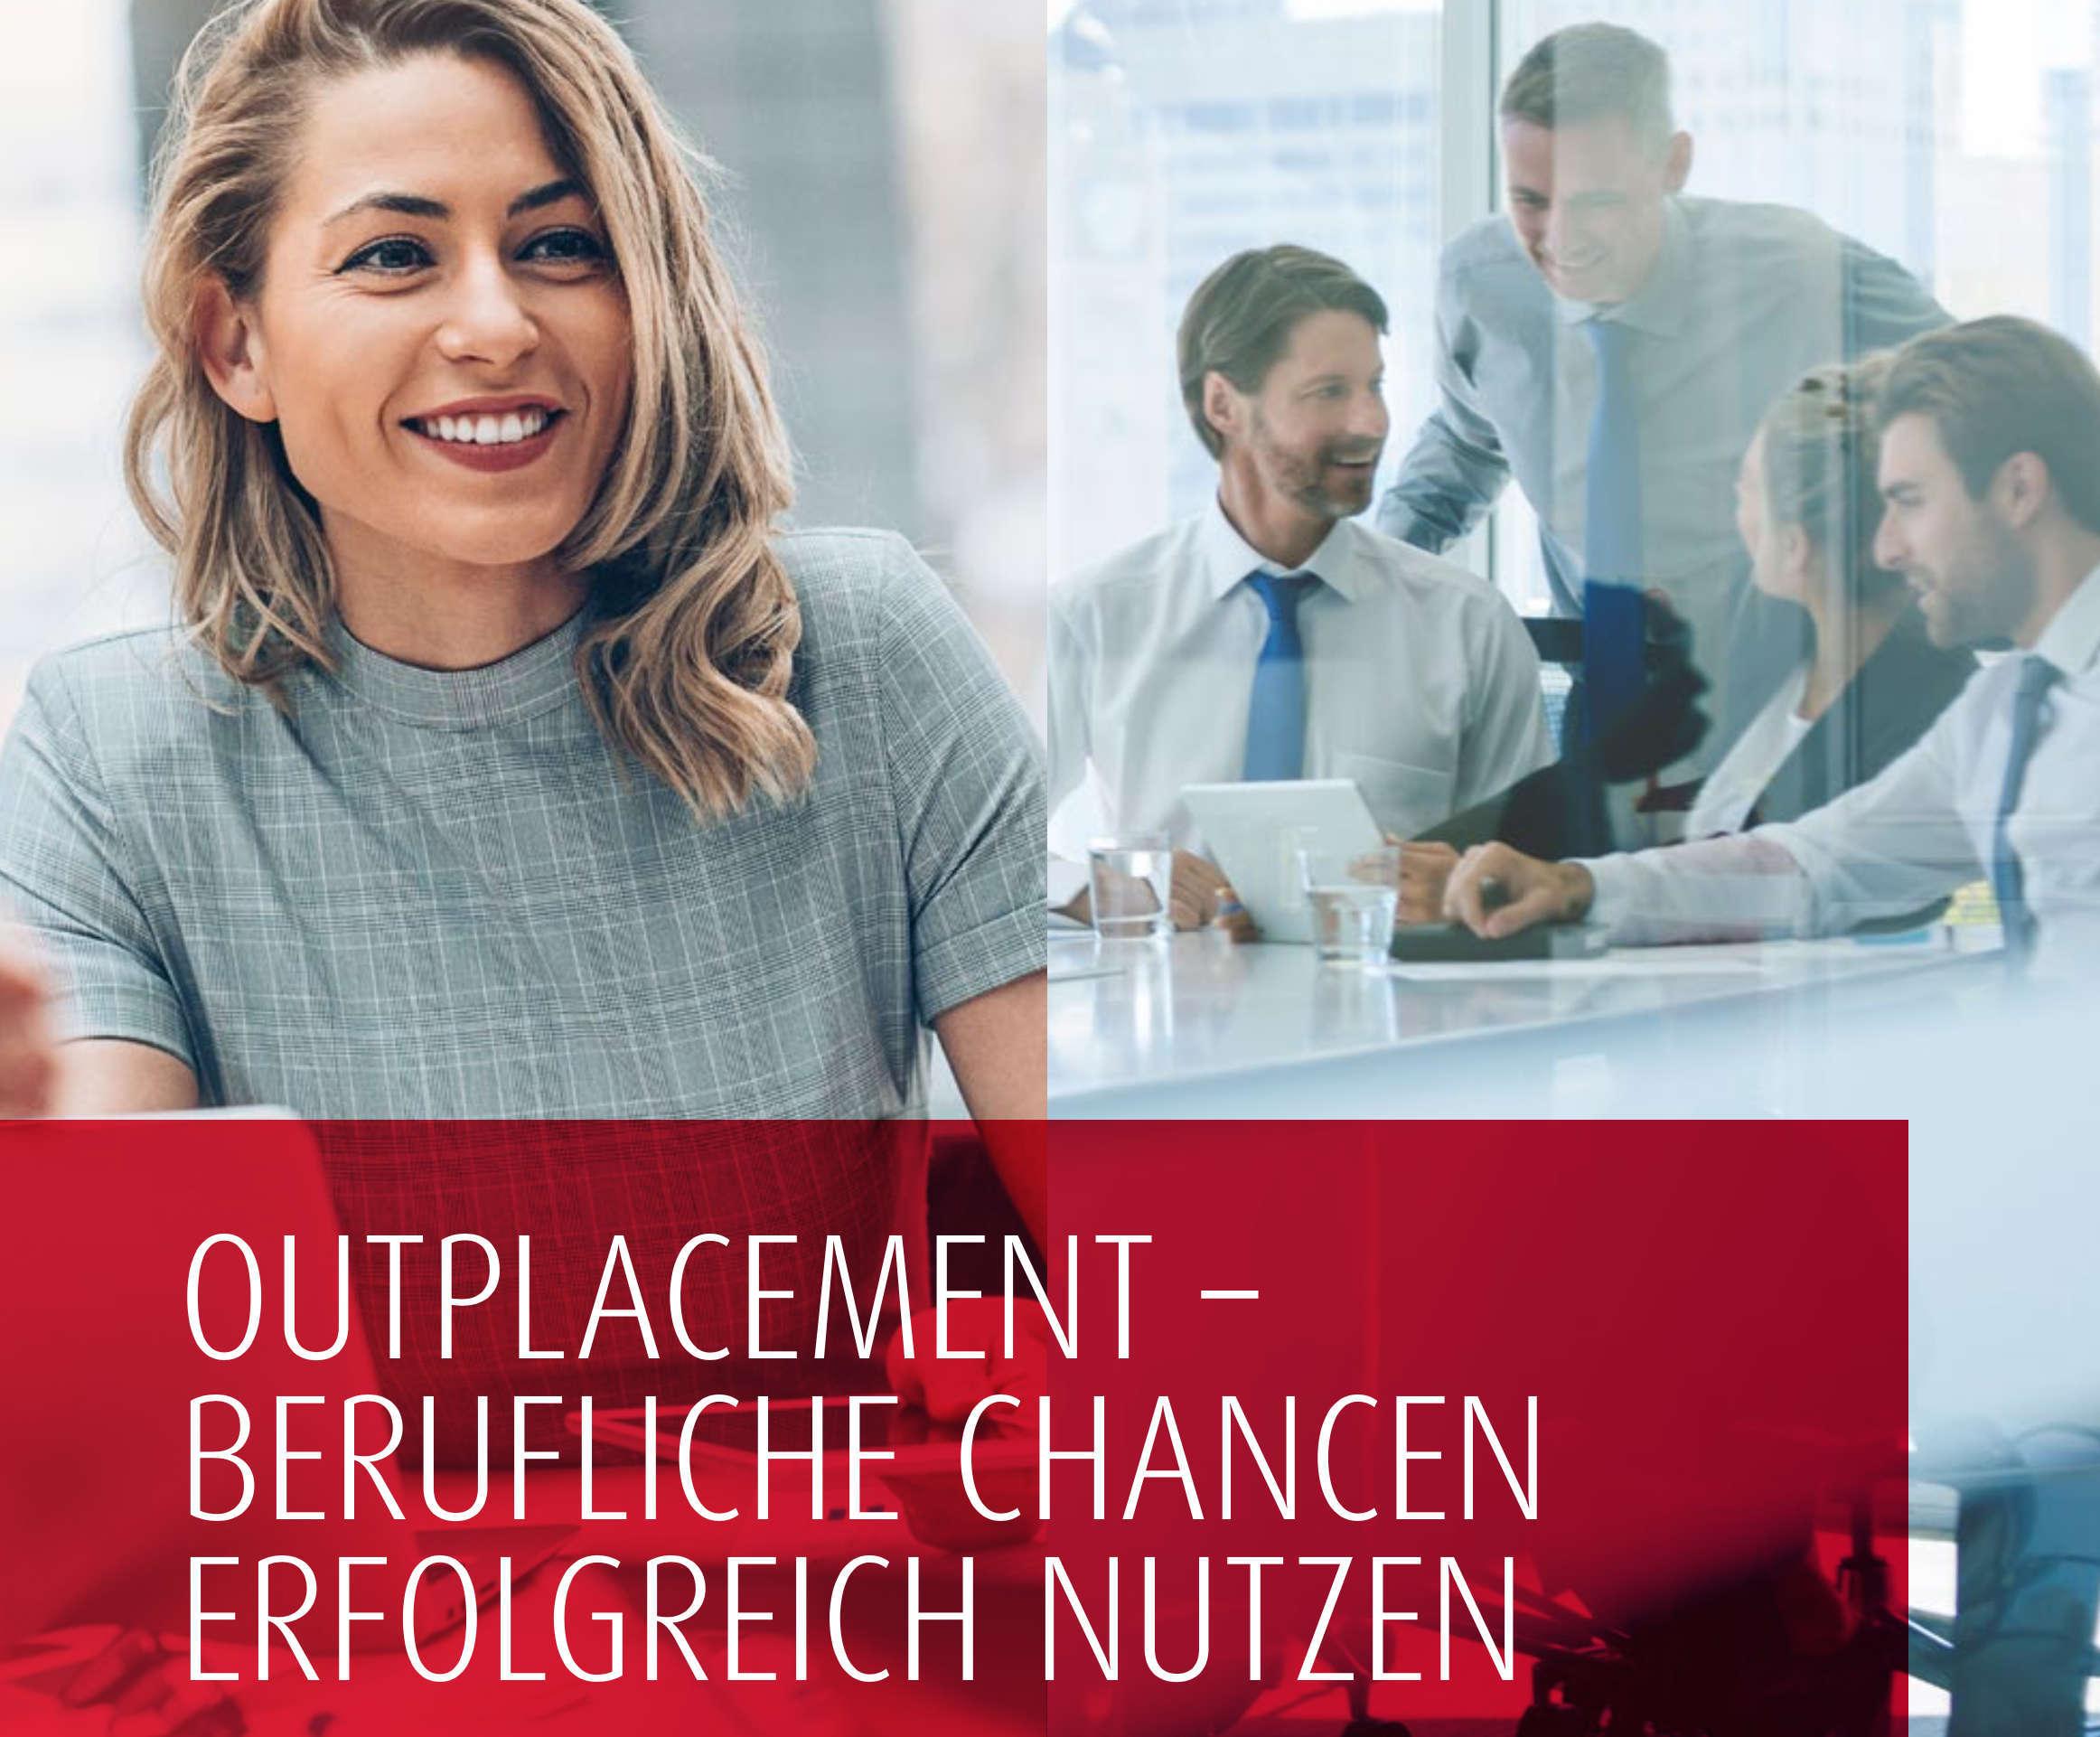 Outplacement berufliche Chancen